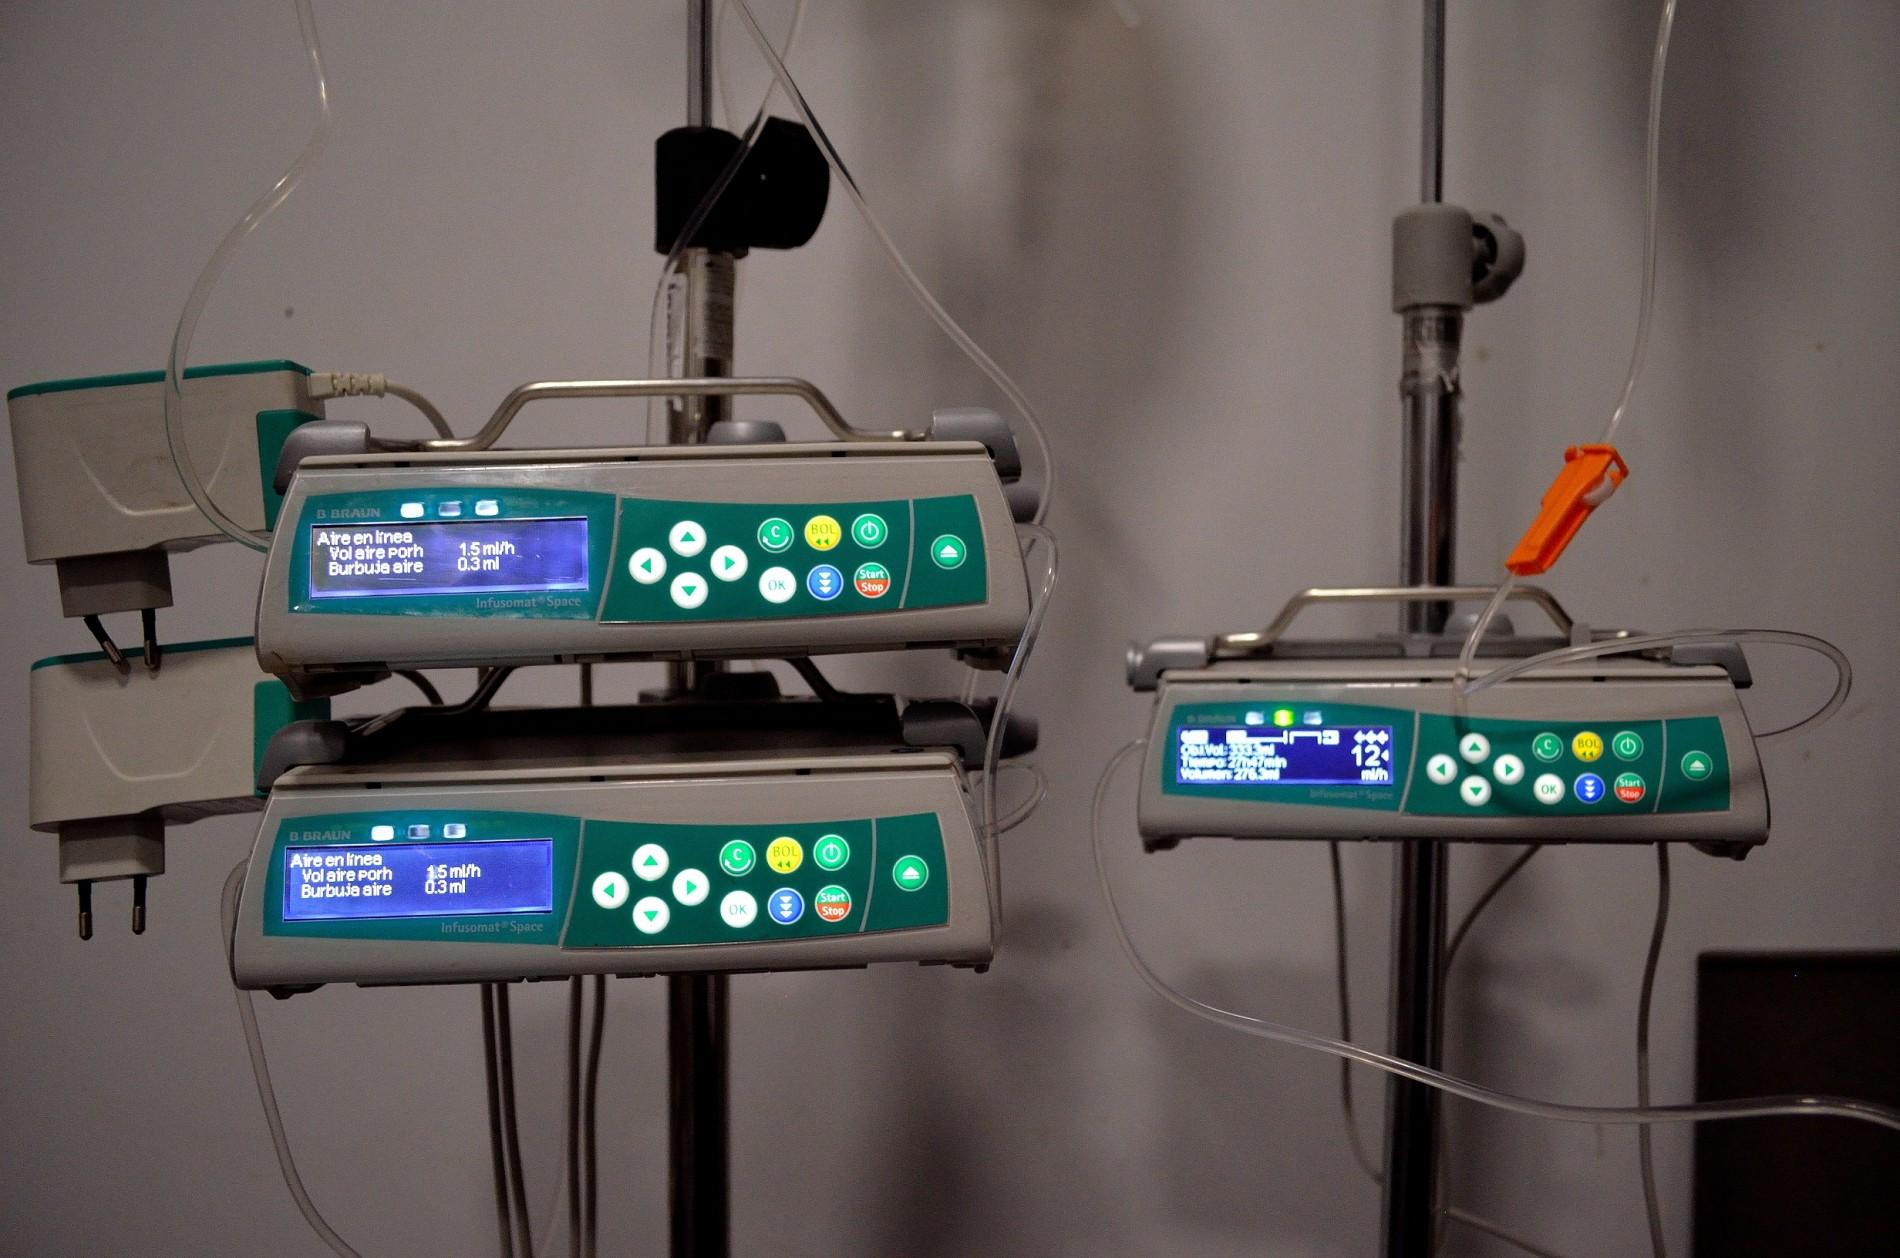 Bombas de infusión de alta precisión